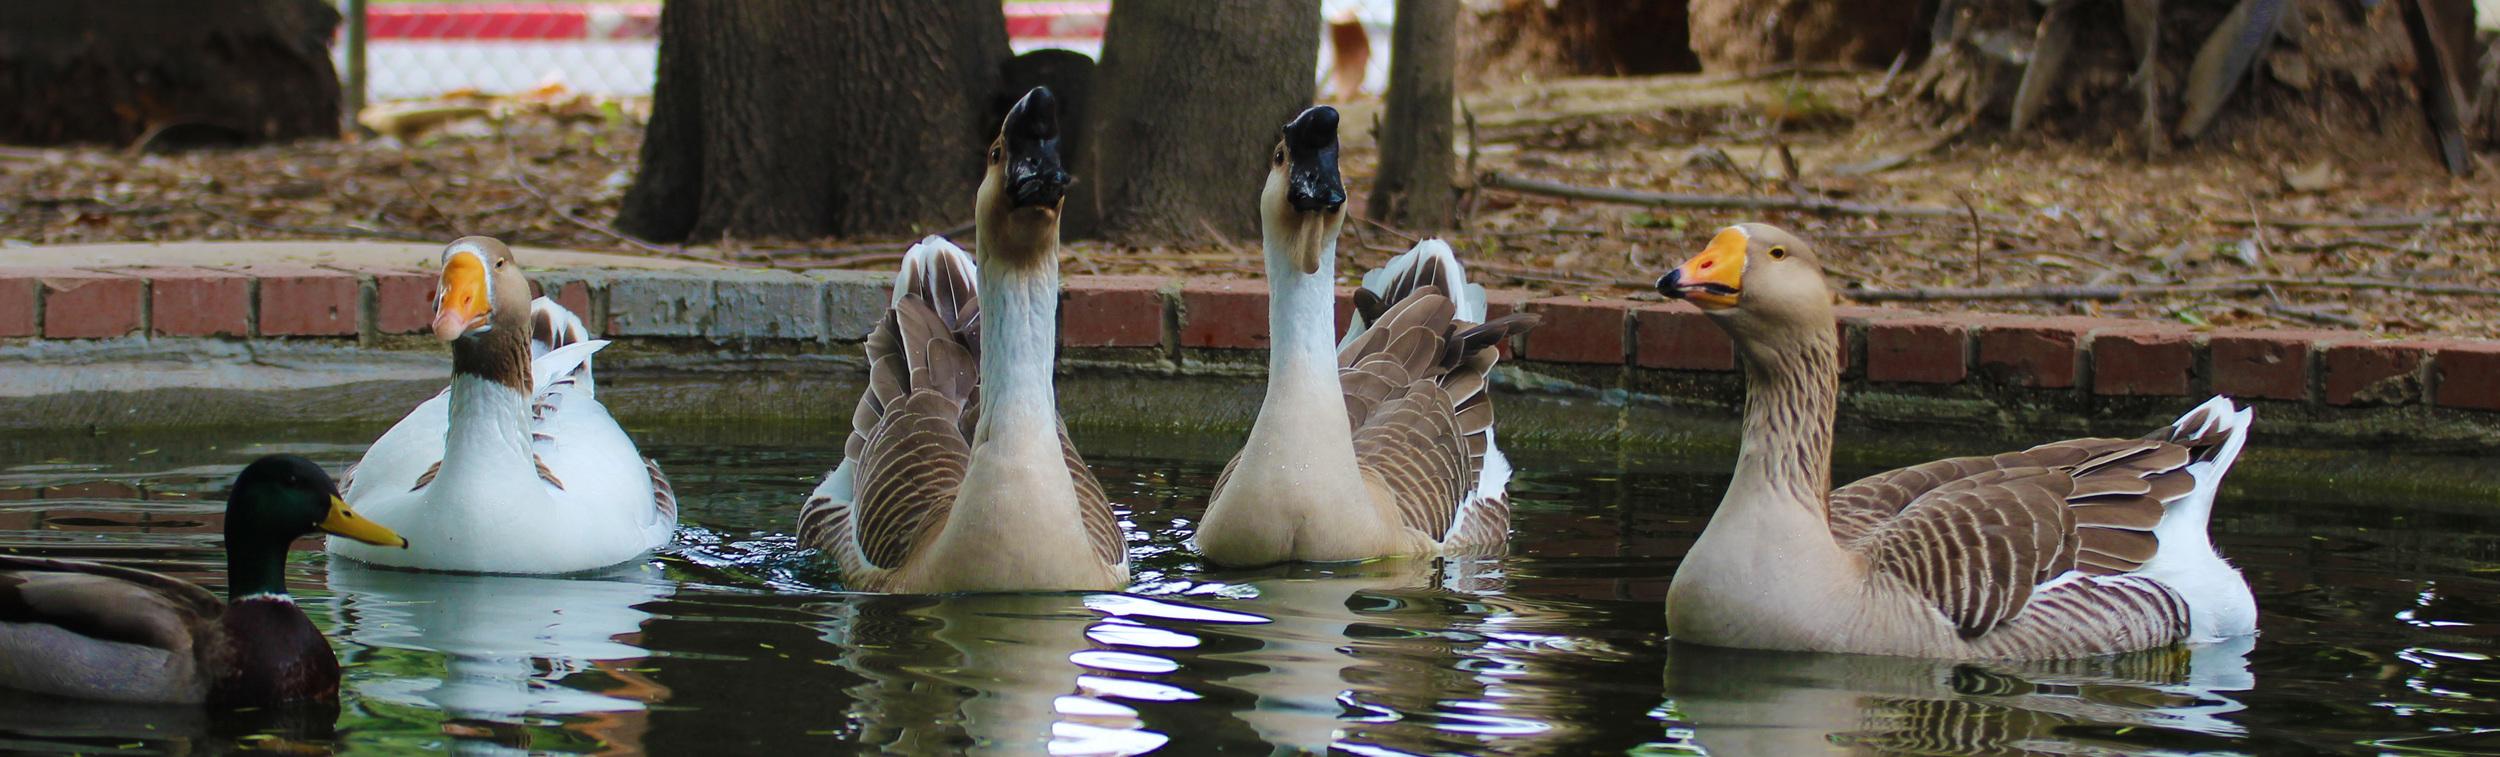 Geese banner.jpg